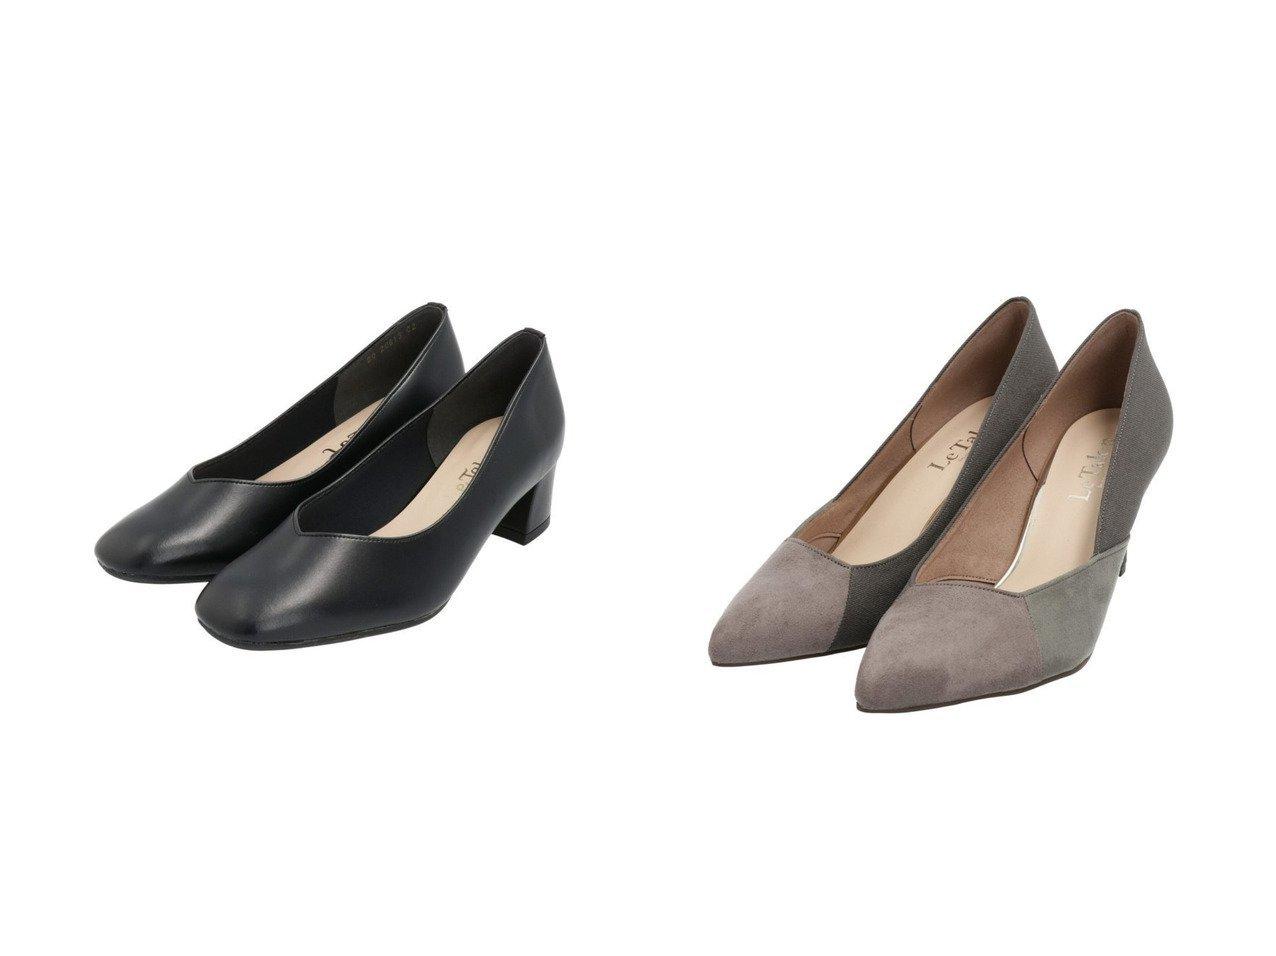 【Le Talon/ル タロン】の7cmPOオブリークキリカエPS(22-25)&4cmスクエアVカットPS(21.5-25) シューズ・靴のおすすめ!人気、トレンド・レディースファッションの通販  おすすめで人気の流行・トレンド、ファッションの通販商品 メンズファッション・キッズファッション・インテリア・家具・レディースファッション・服の通販 founy(ファニー) https://founy.com/ ファッション Fashion レディースファッション WOMEN 2020年 2020 2020-2021 秋冬 A/W AW Autumn/Winter / FW Fall-Winter 2020-2021 A/W 秋冬 AW Autumn/Winter / FW Fall-Winter インソール クッション シューズ シンプル スクエア フォーマル 軽量 |ID:crp329100000009821